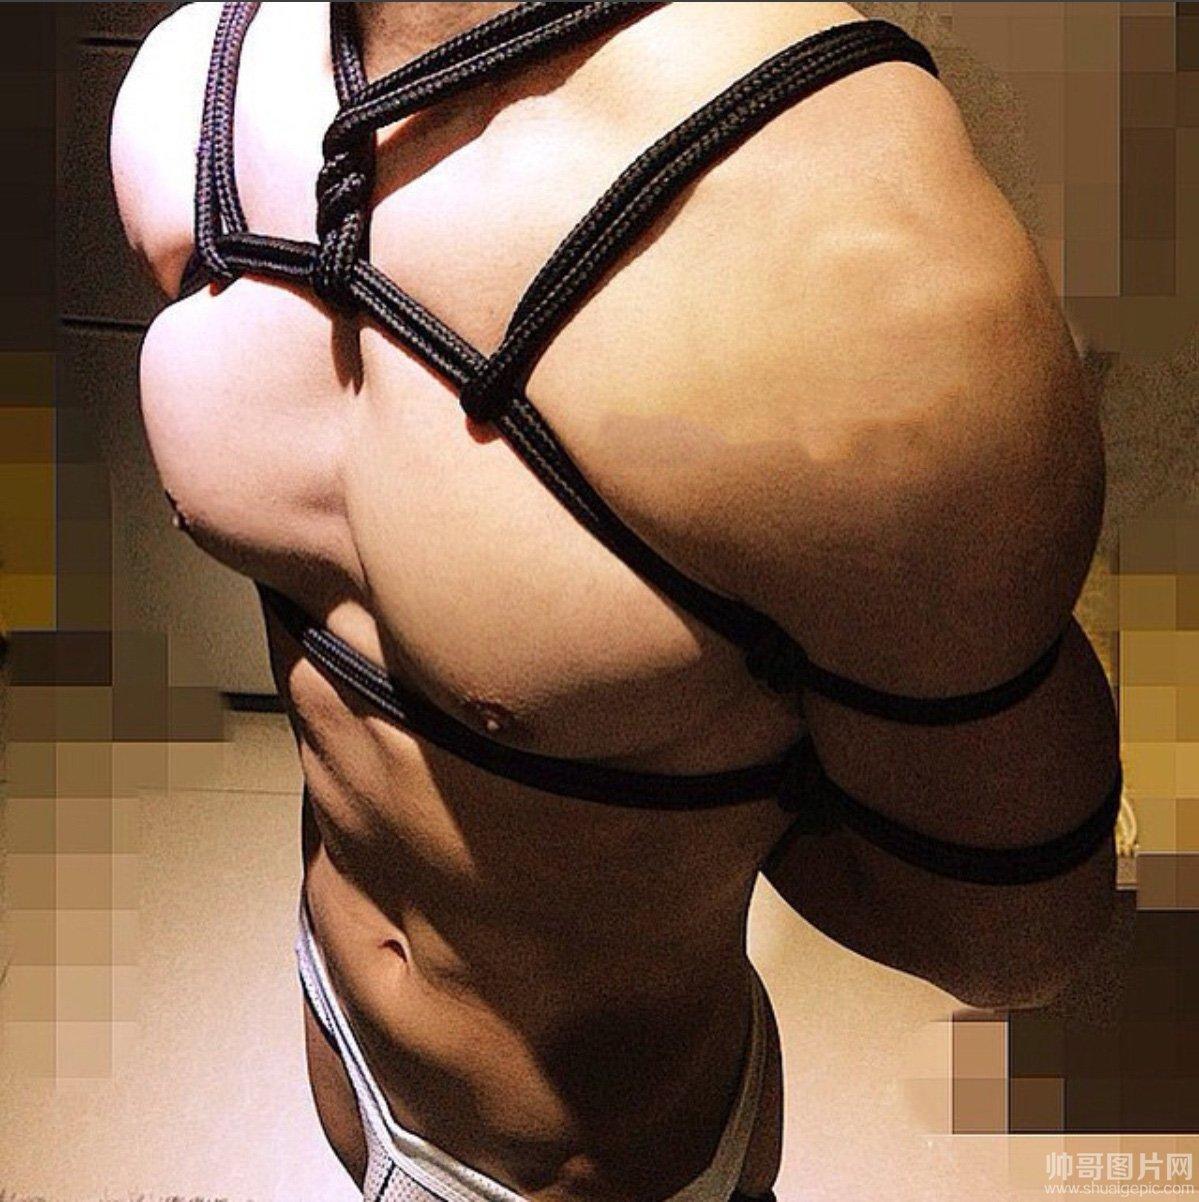 肌肉猛男玩捆绑 肌肉帅哥被绑